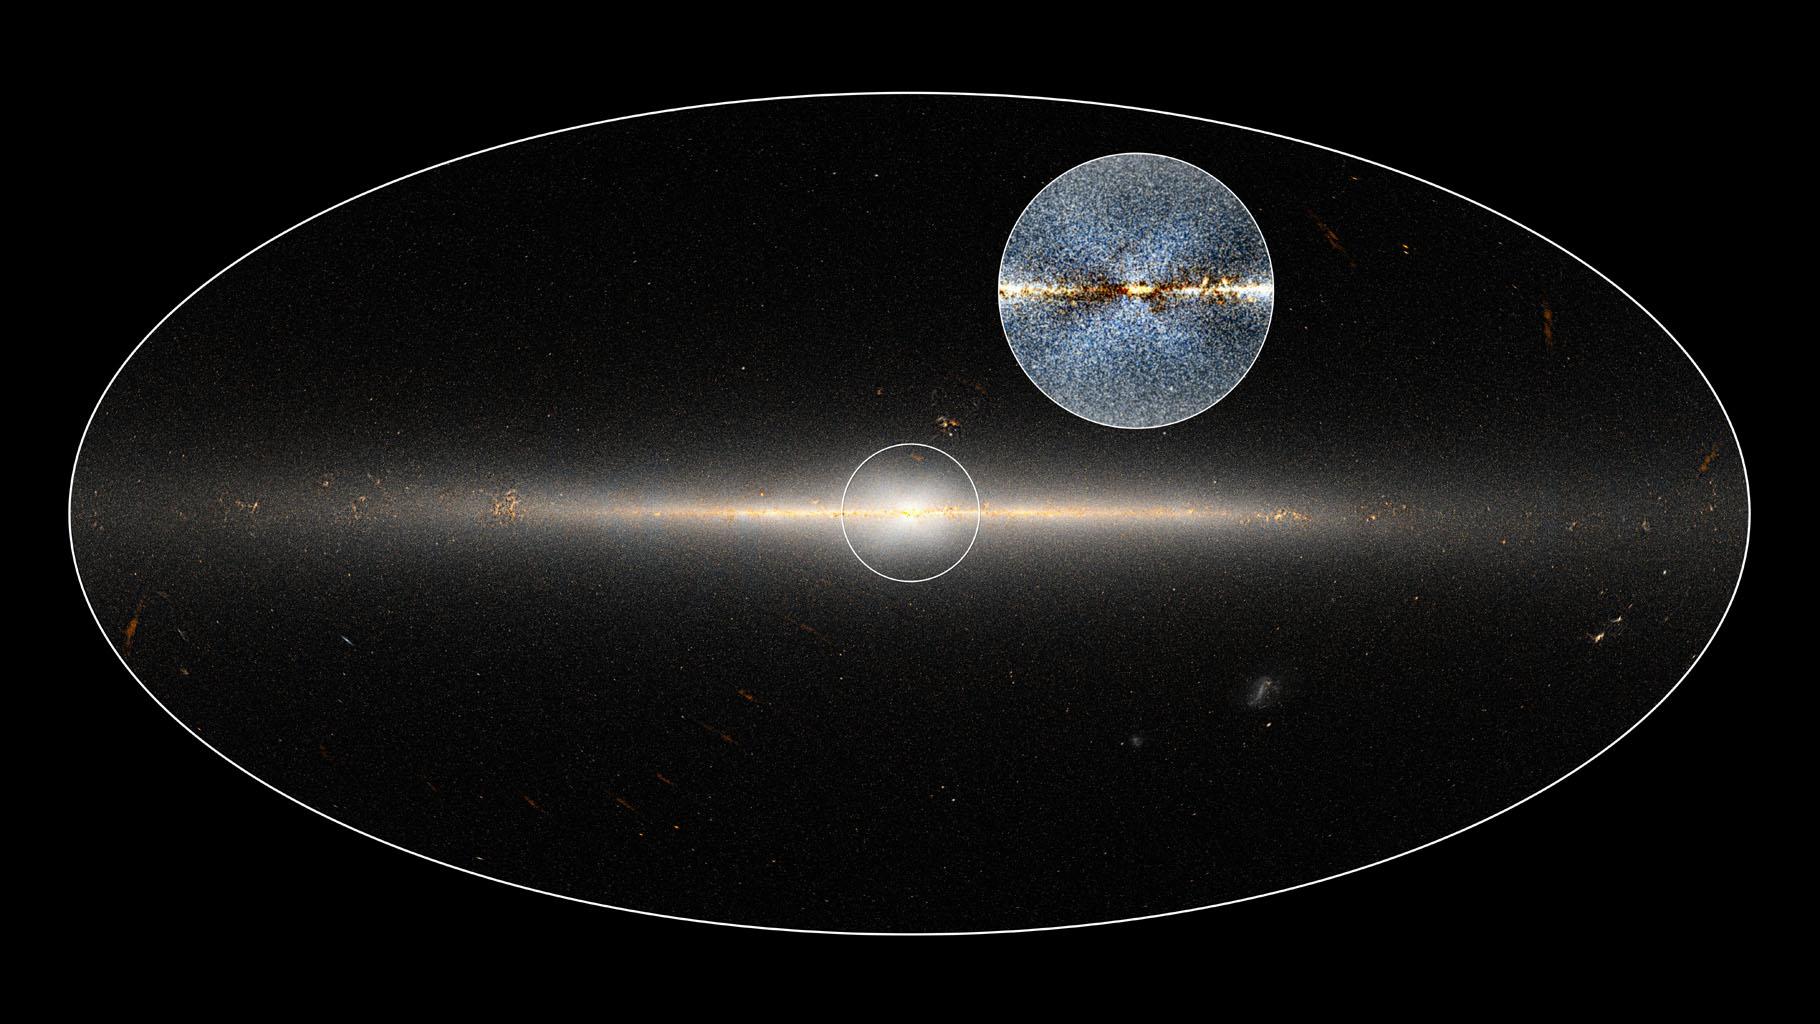 Il dettaglio nel cerco raffigura una versione migliorata della regione centra della nostra galassia e della struttura a forma di X. Crediti: NASA/JPL-Caltech/D.Lang